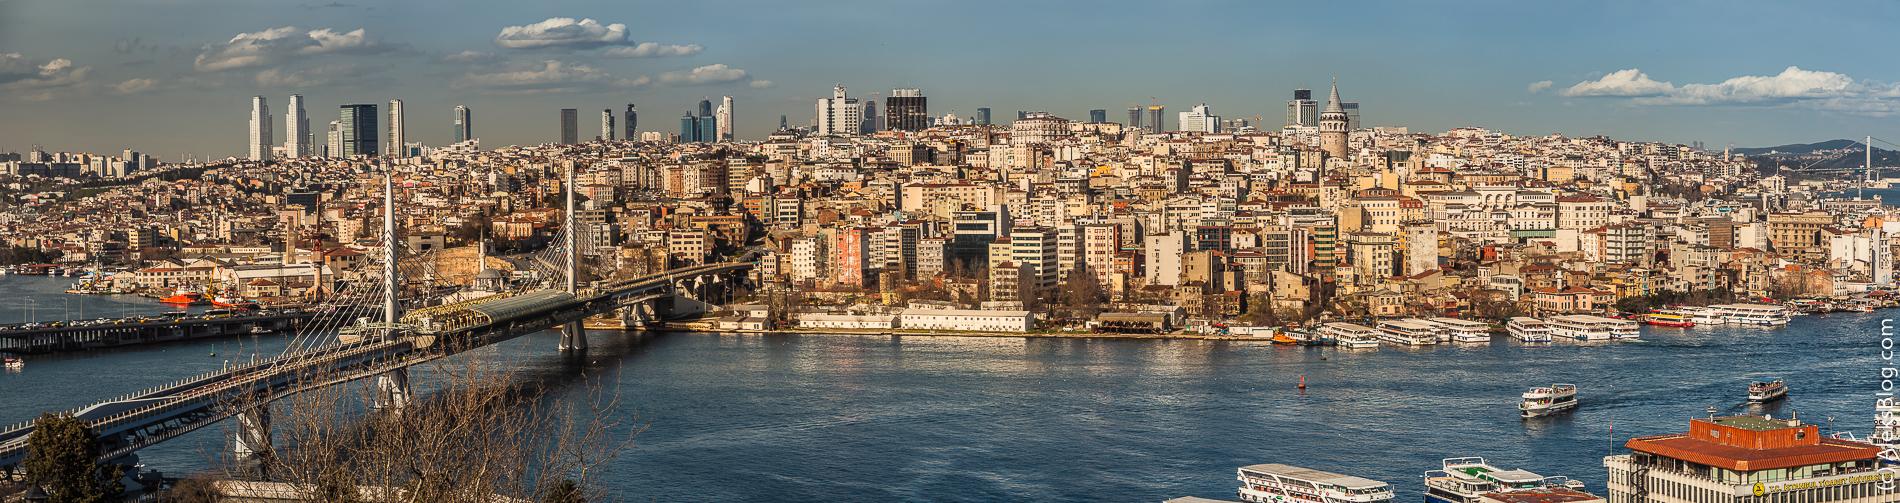 Стамбул смотровая площадка